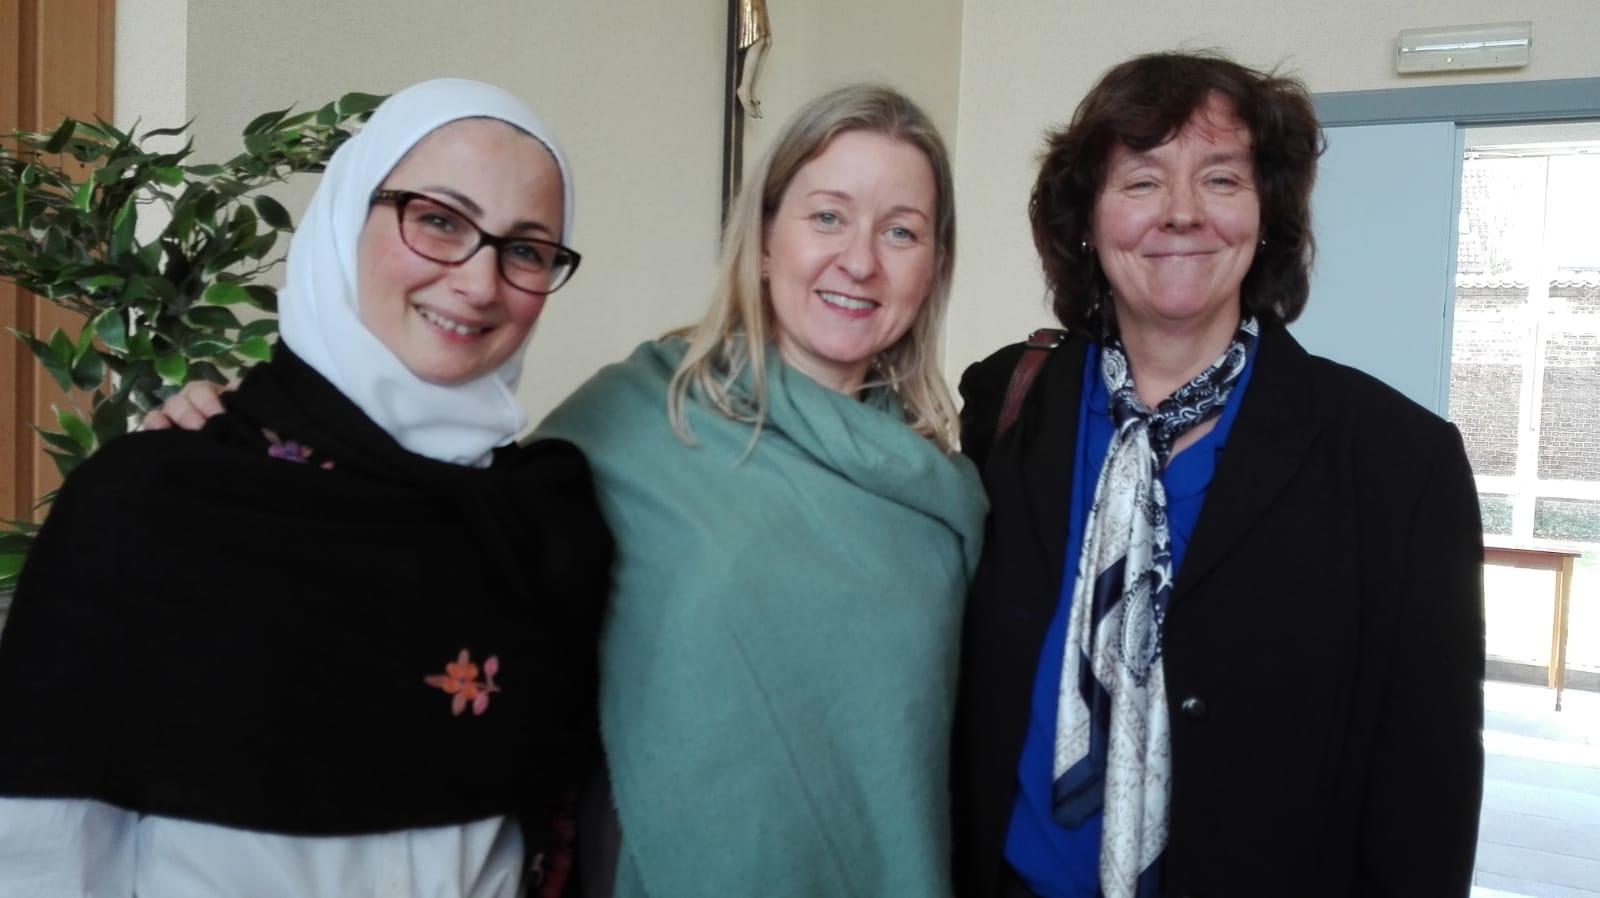 Les femmes dans les conflits, un événement par l'Université des Nations Unies